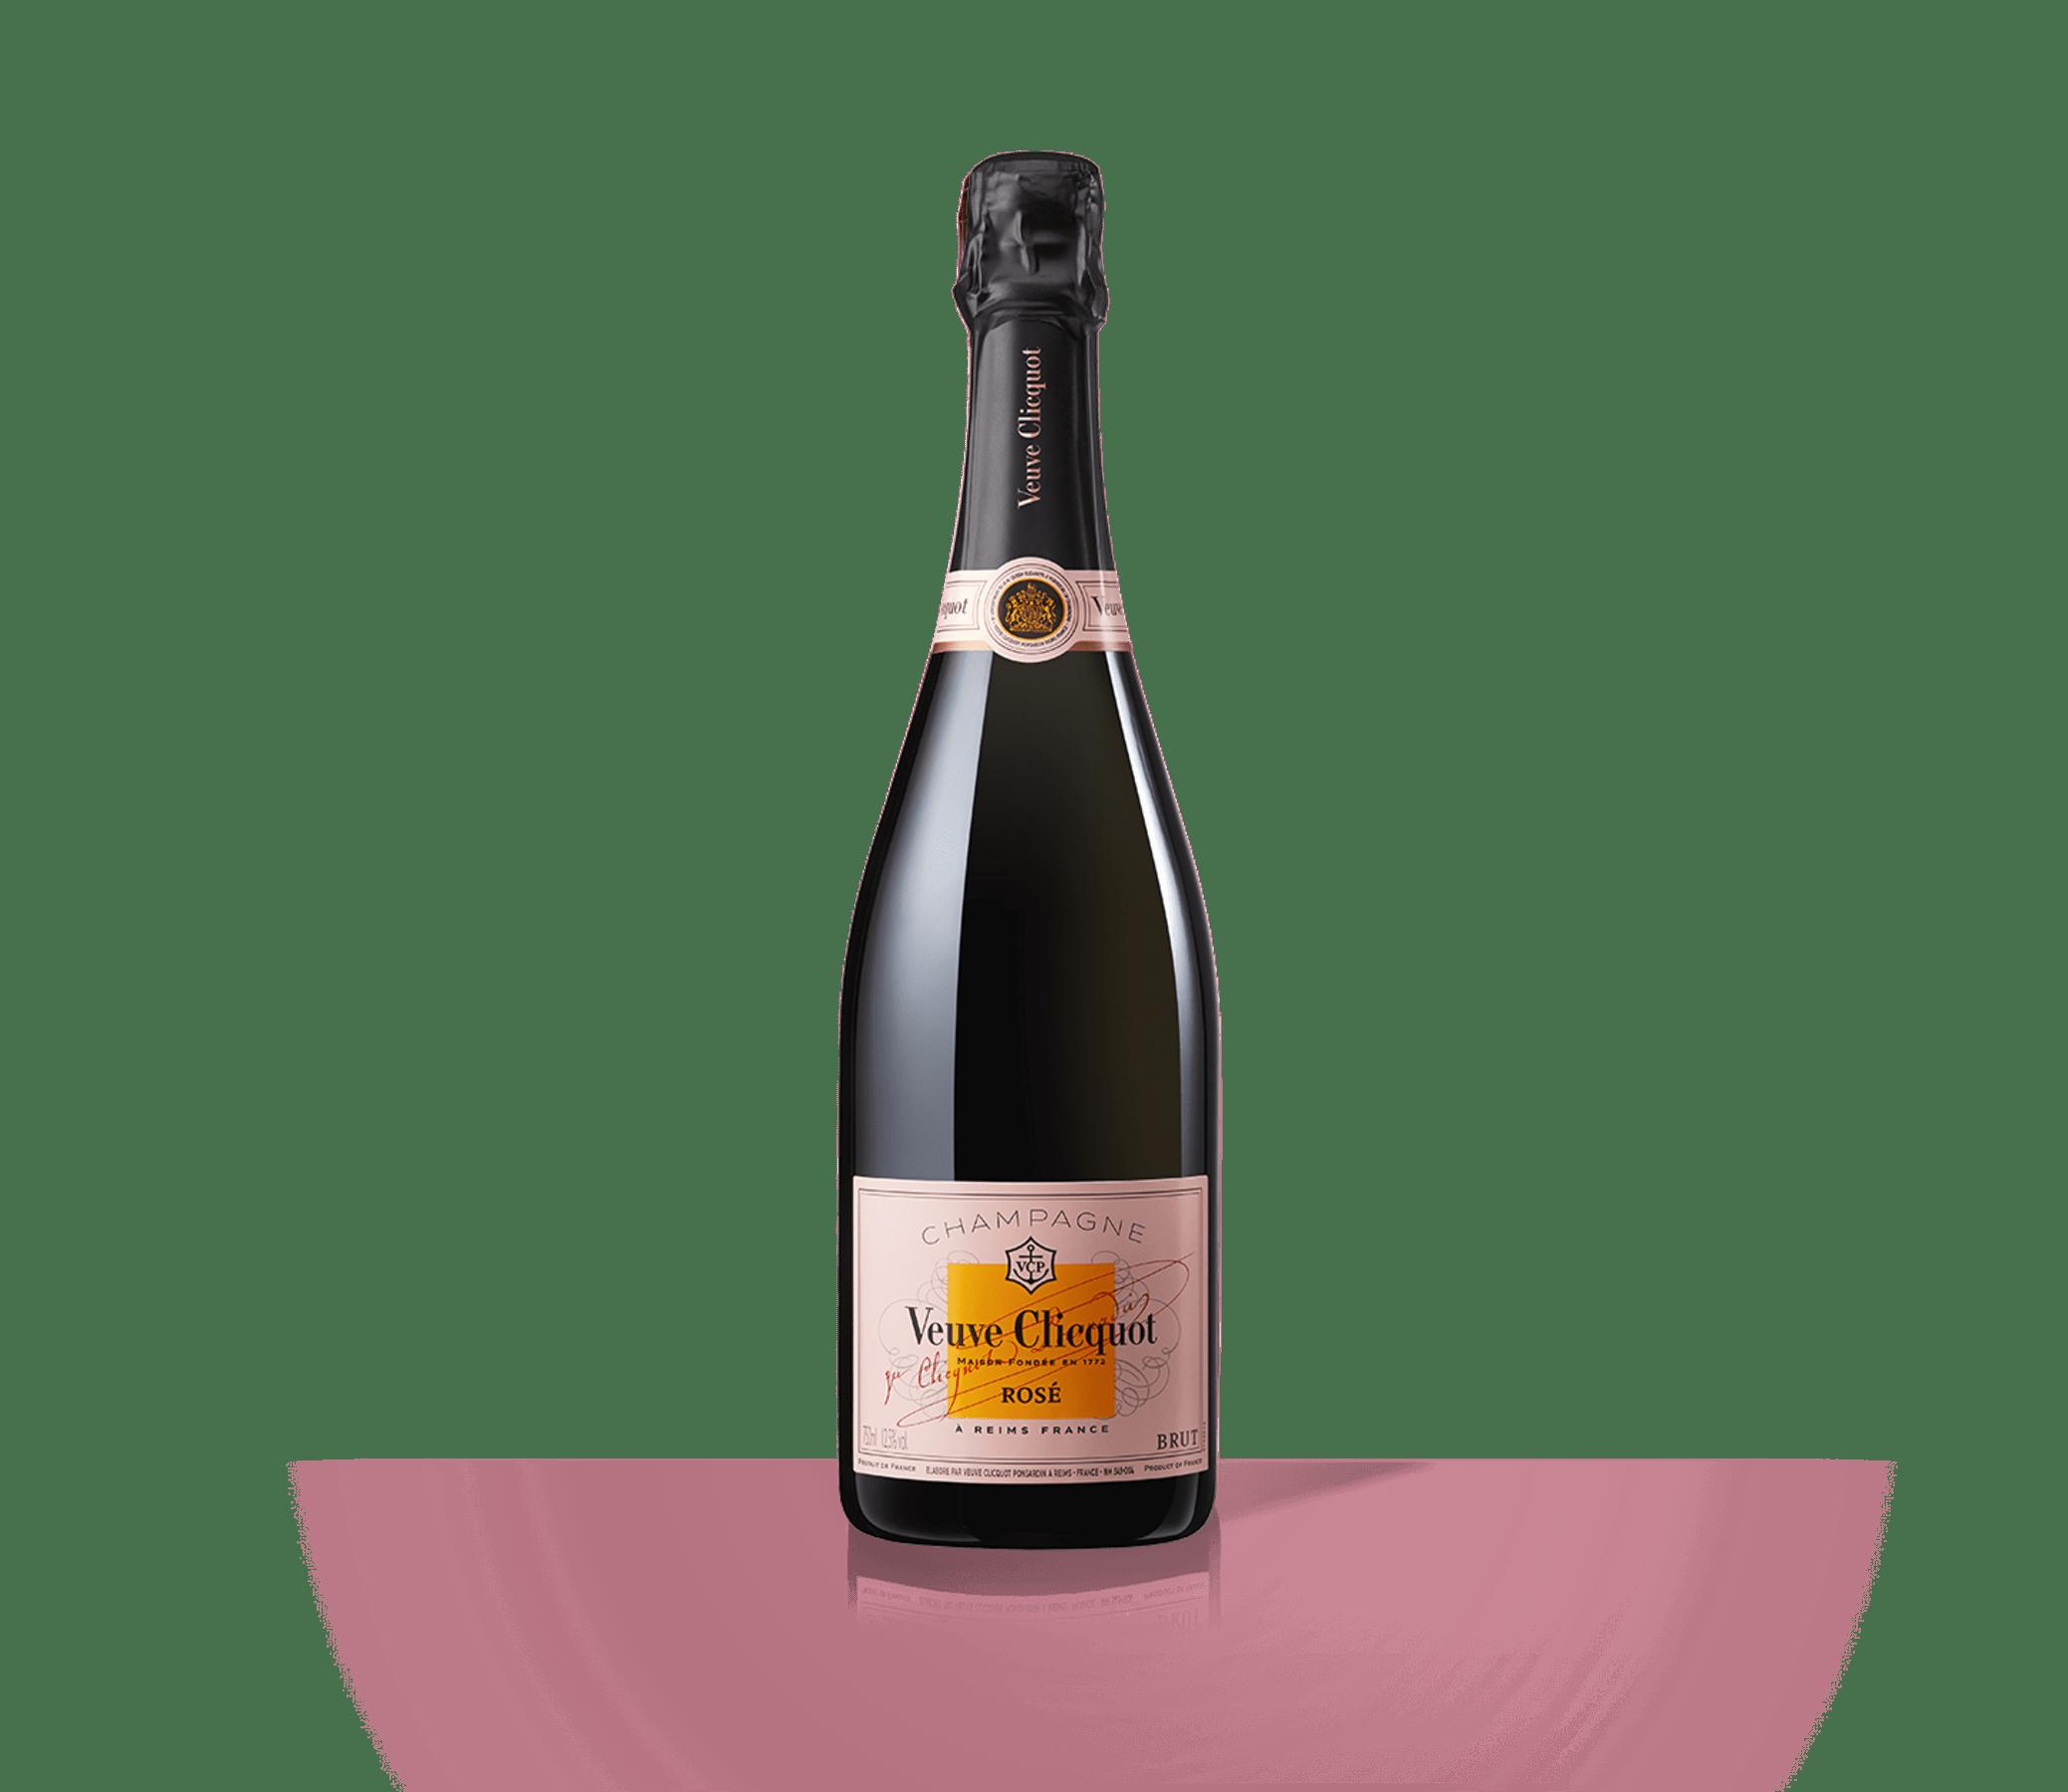 Bottle Veuve Clicquot Champagne Rosé